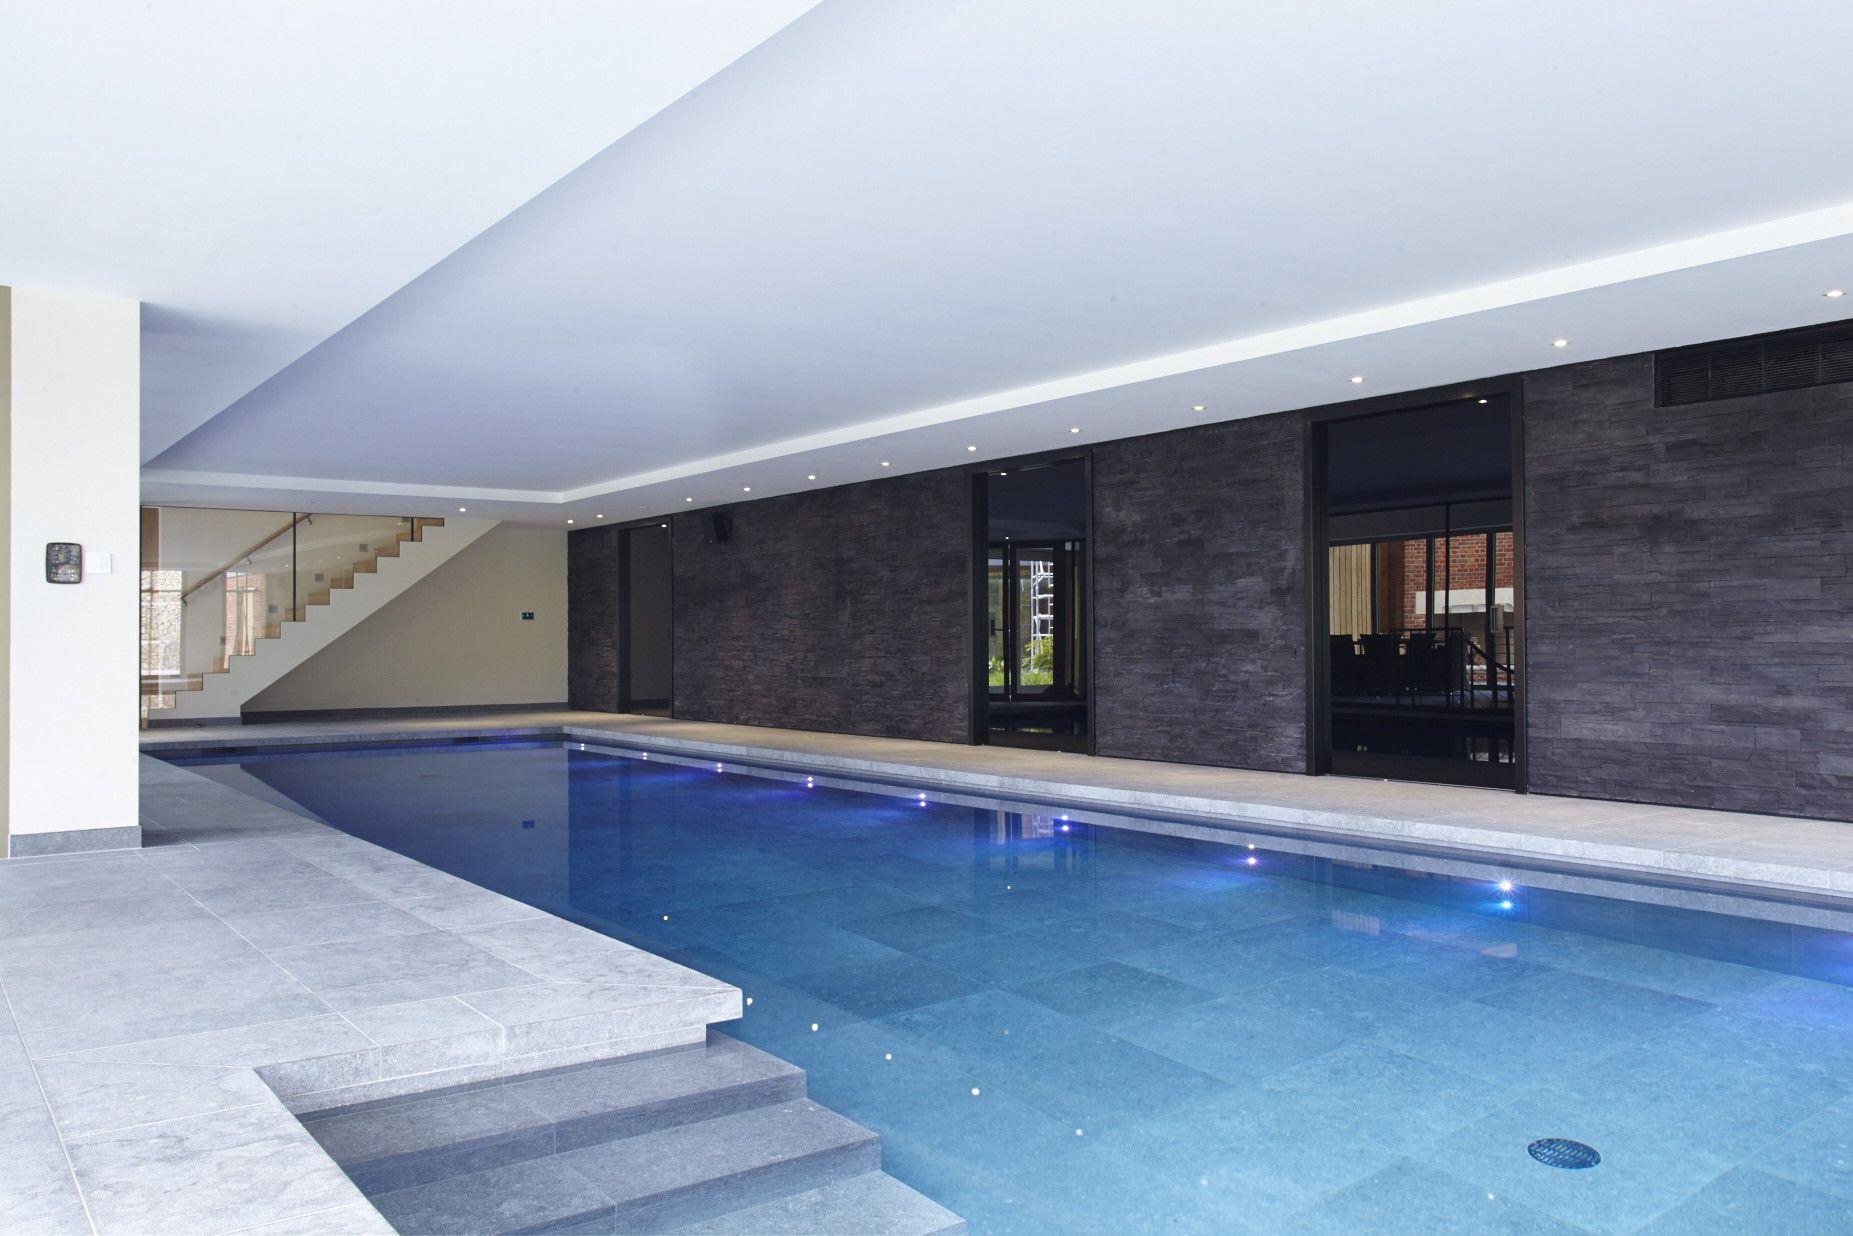 indoor pool lighting. Luxury Indoor Swimming Pool With Bespoke Lighting W